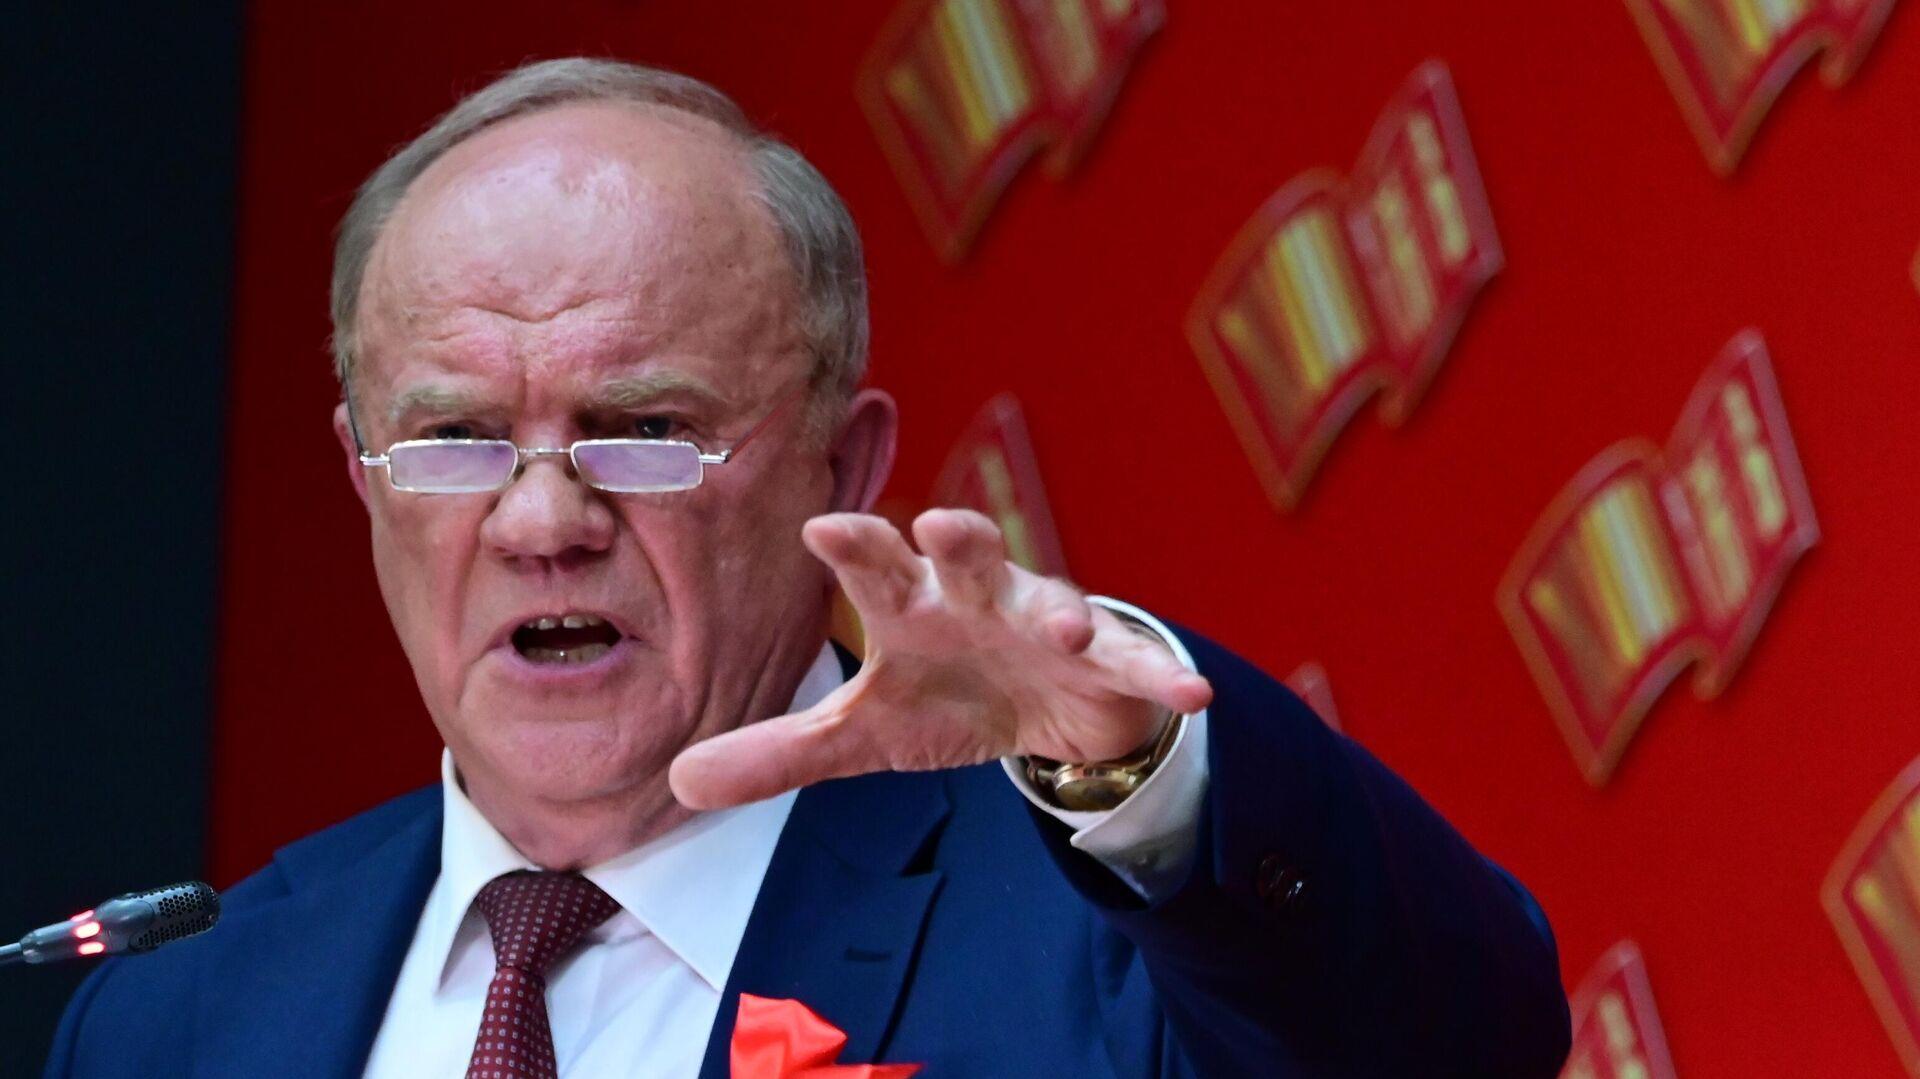 Председатель ЦК КПРФ Геннадий Зюганов выступает на ХVIII съезде КПРФ - РИА Новости, 1920, 22.07.2021